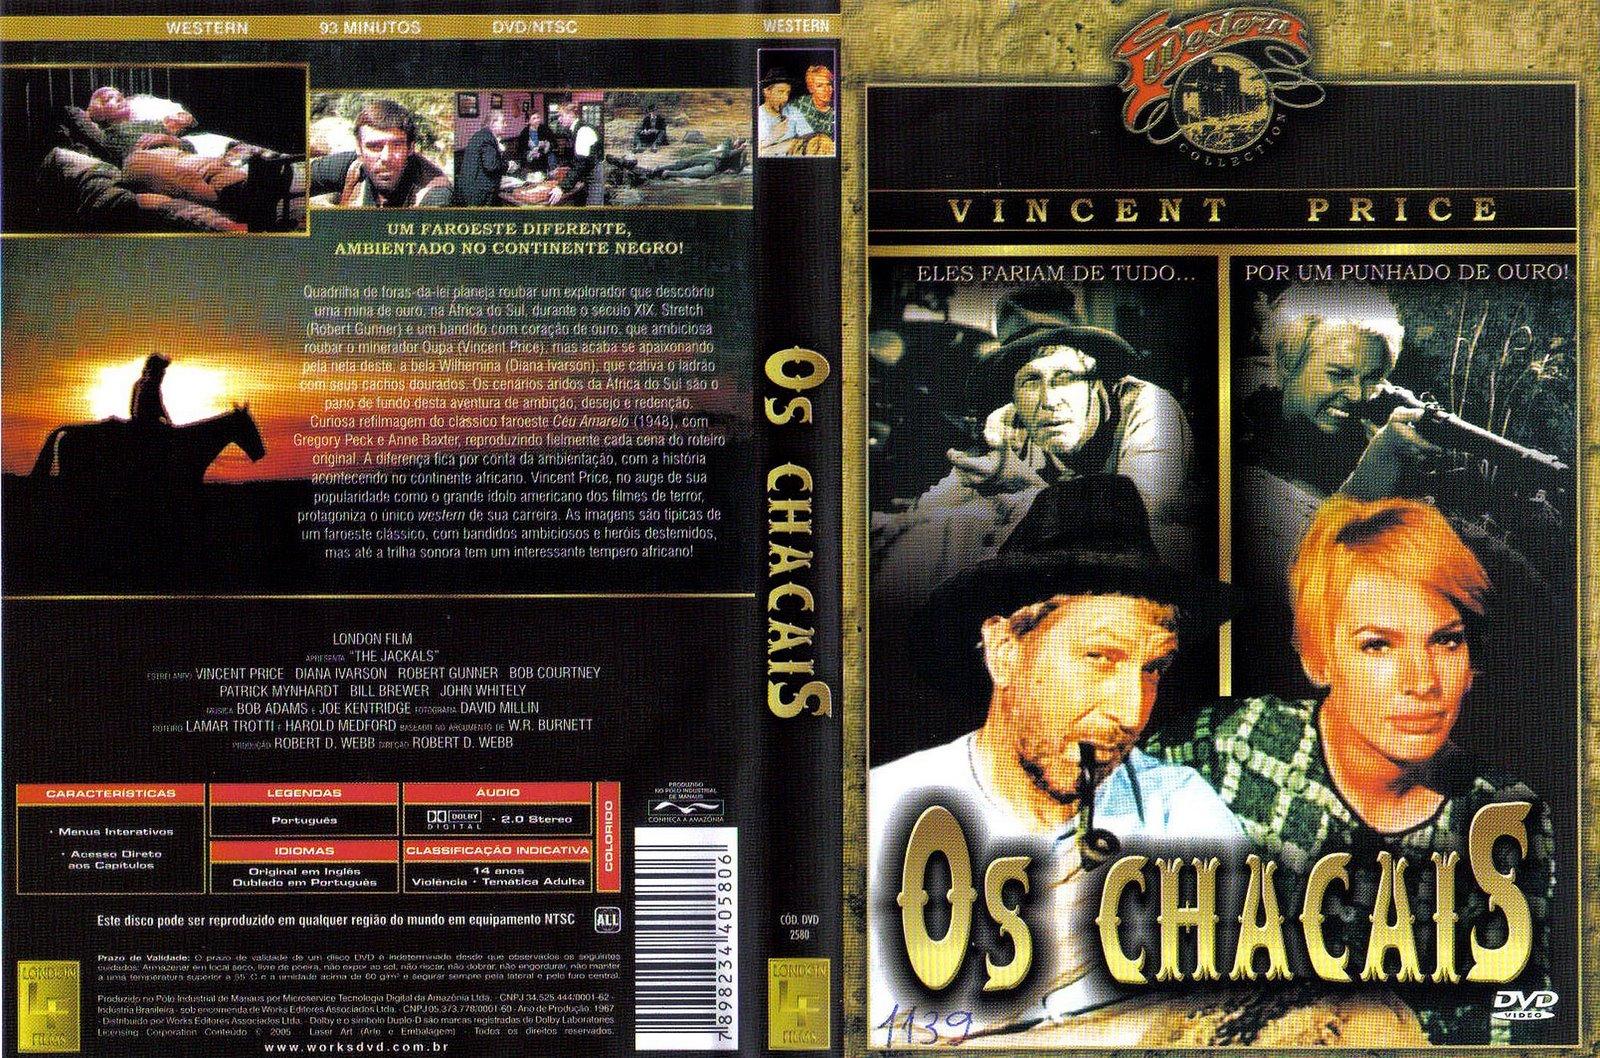 http://4.bp.blogspot.com/-kaFlLsXzdxQ/TeQAqOth1wI/AAAAAAAAAJ4/a6Ay40sRwRg/s1600/oschacais.jpg